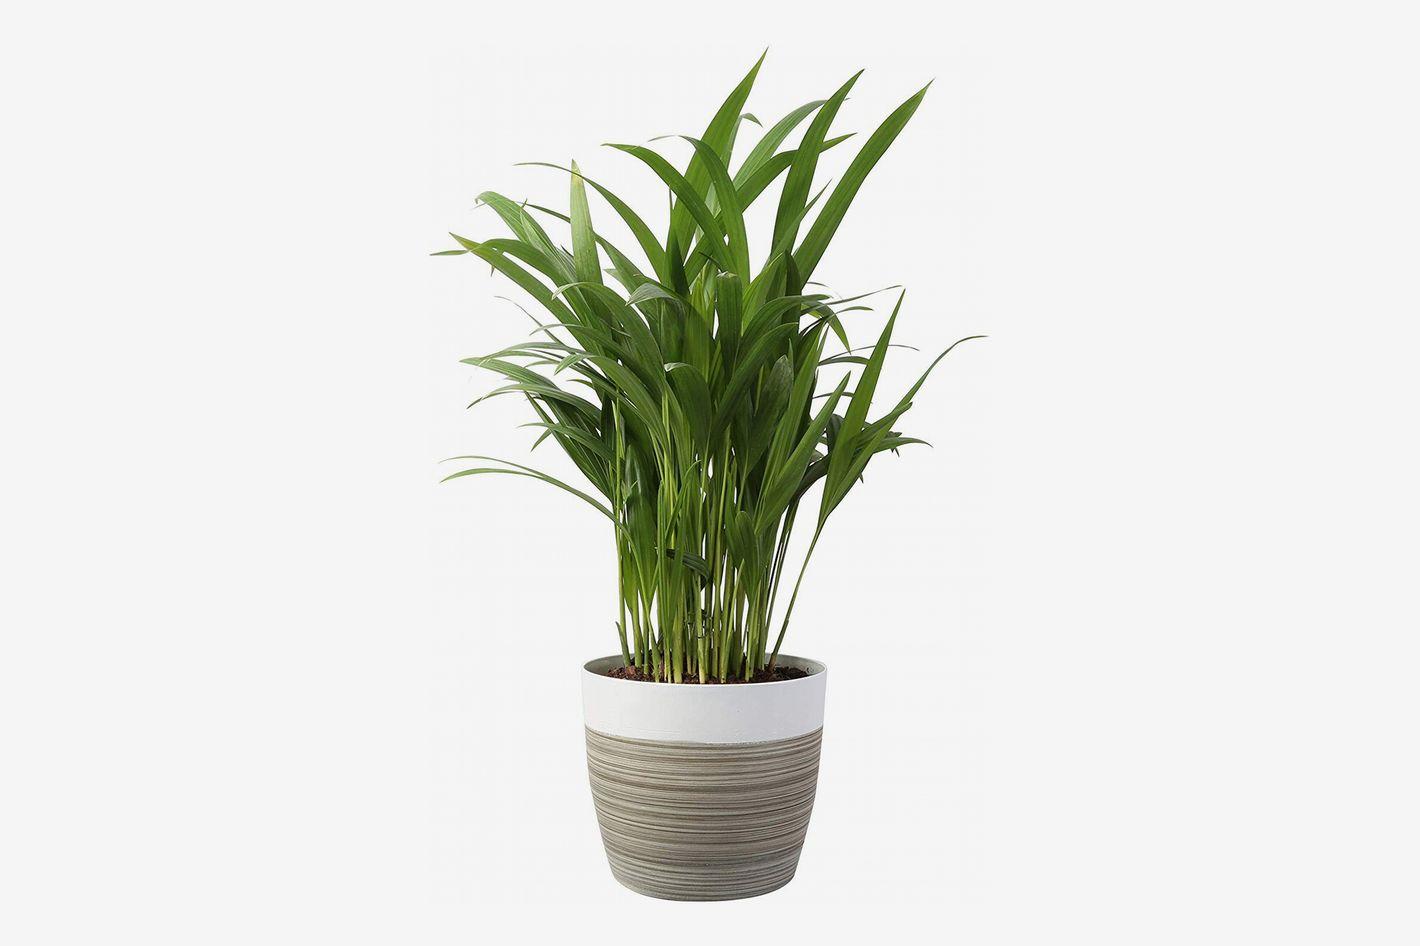 Costa Farms Live Areca Palm